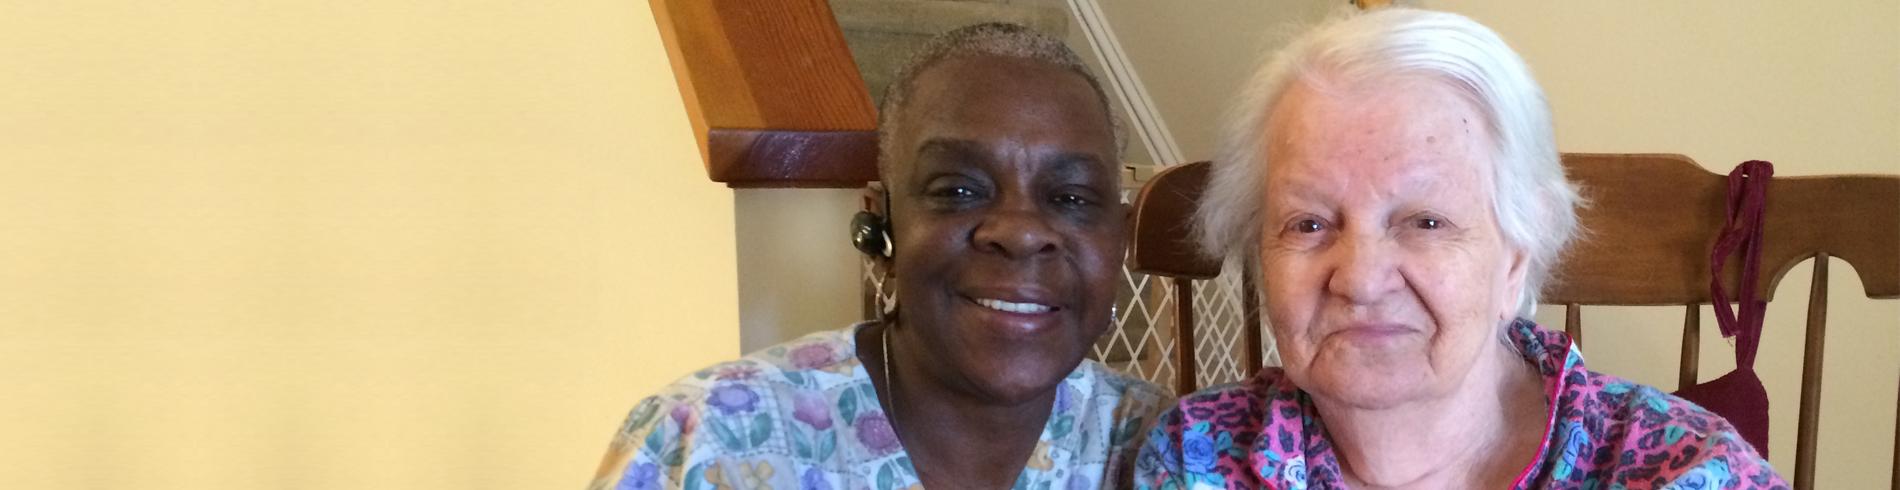 Arosa Caregiving Services